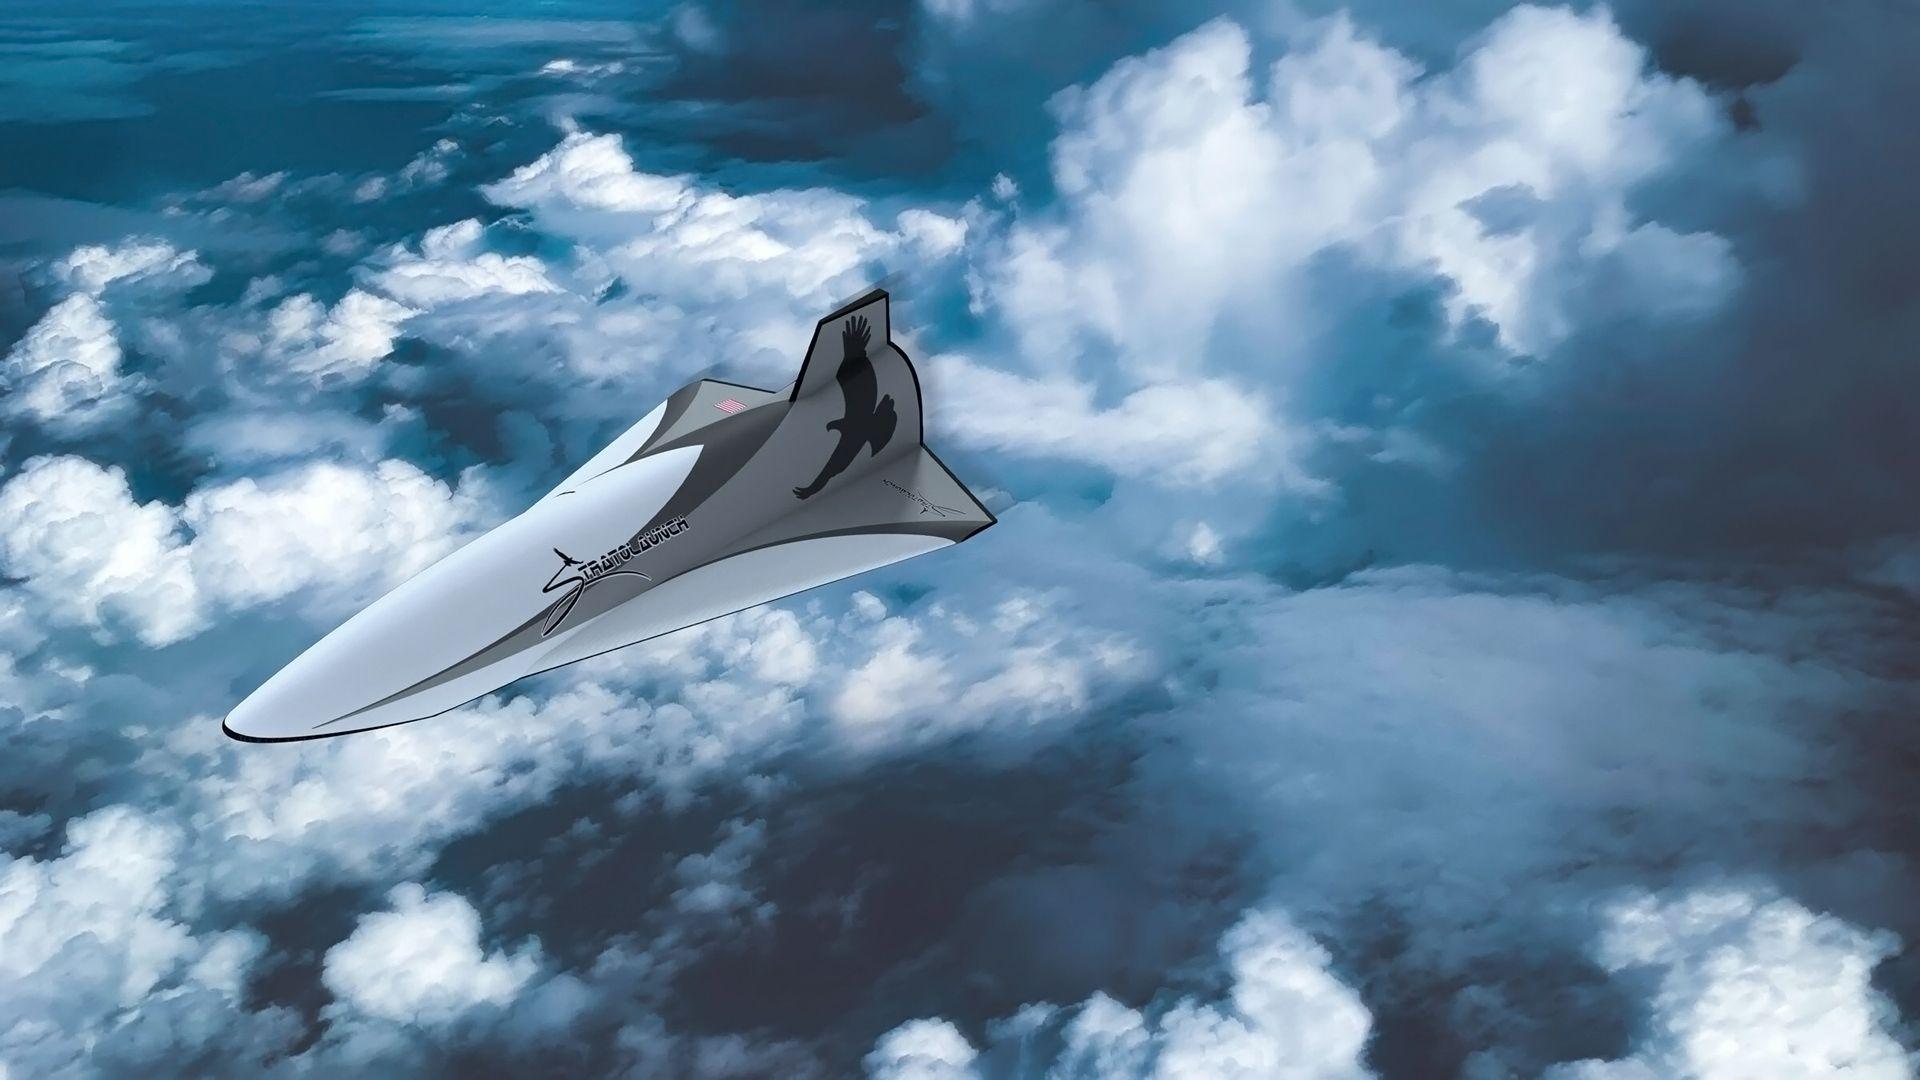 Stratolaunch dévoile son programme d'avions hypersoniques